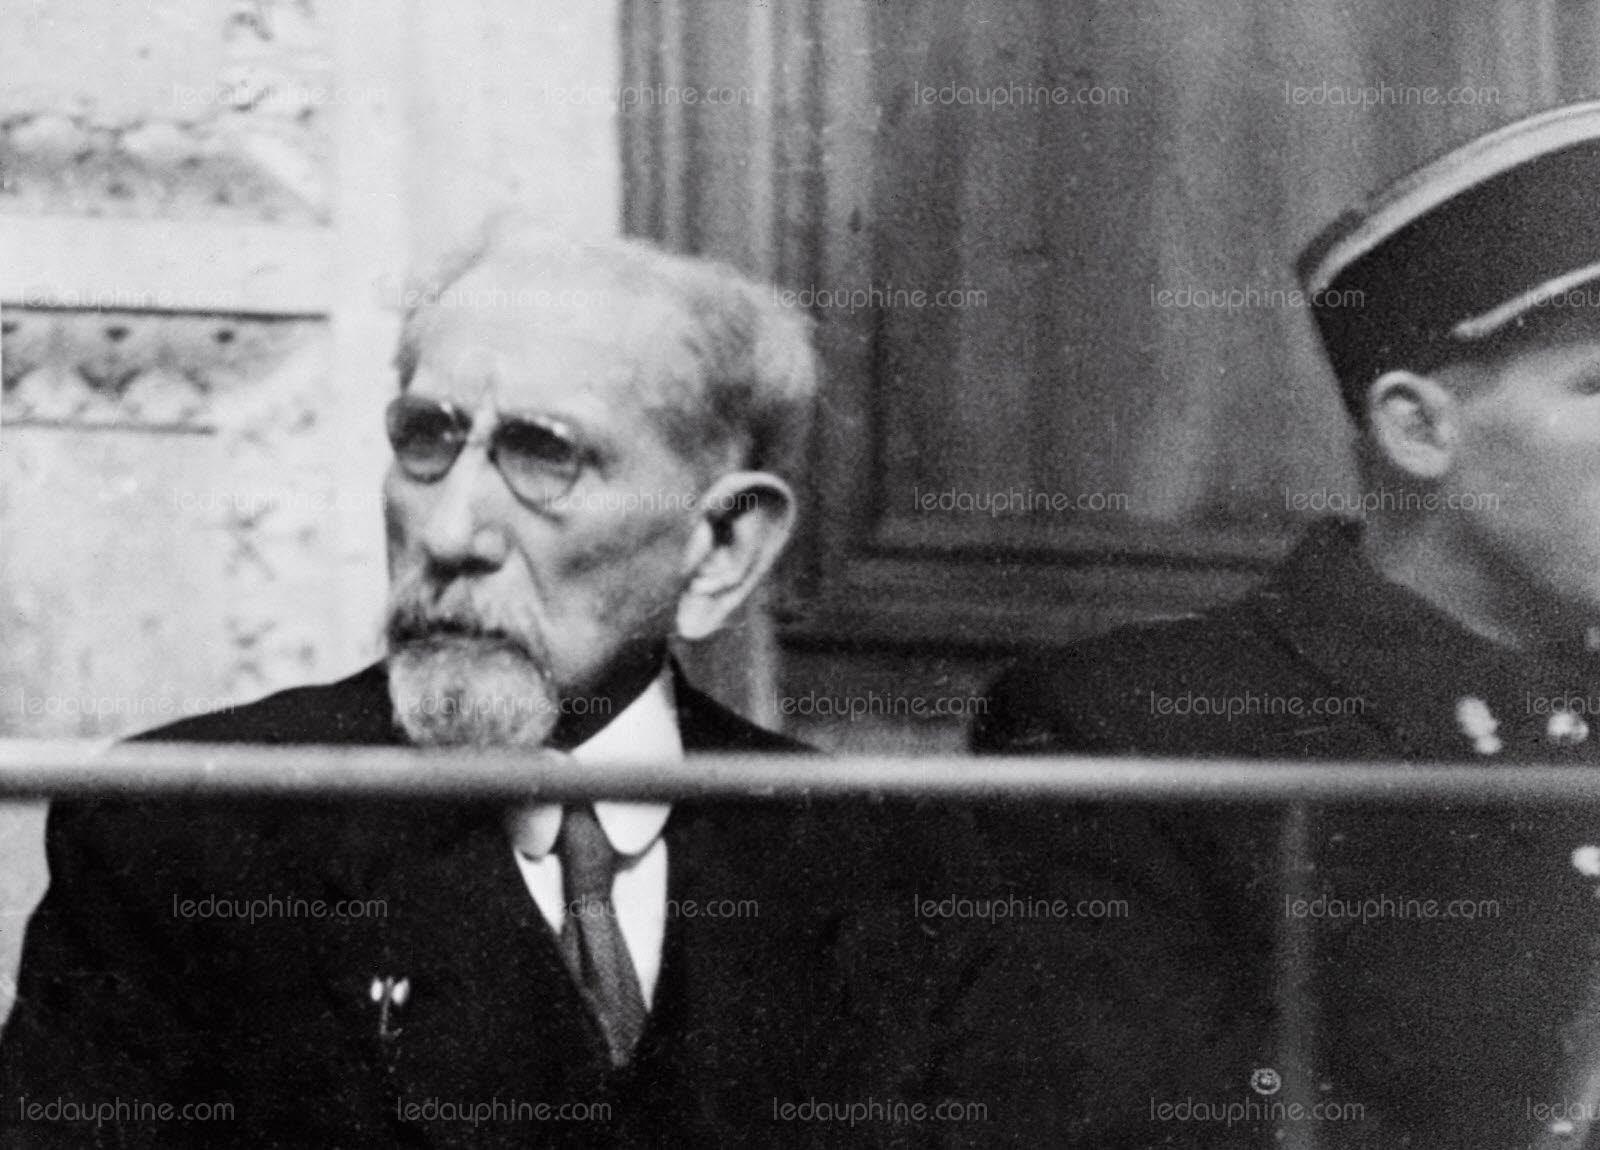 l-ecrivain-et-homme-politique-charles-maurras-(1868-1952)-assis-sur-le-banc-des-accuses-assiste-a-son-proces-le-25-janvier-1945-au-palais-de-justice-de-lyon-photo-archives-afp-1517077982